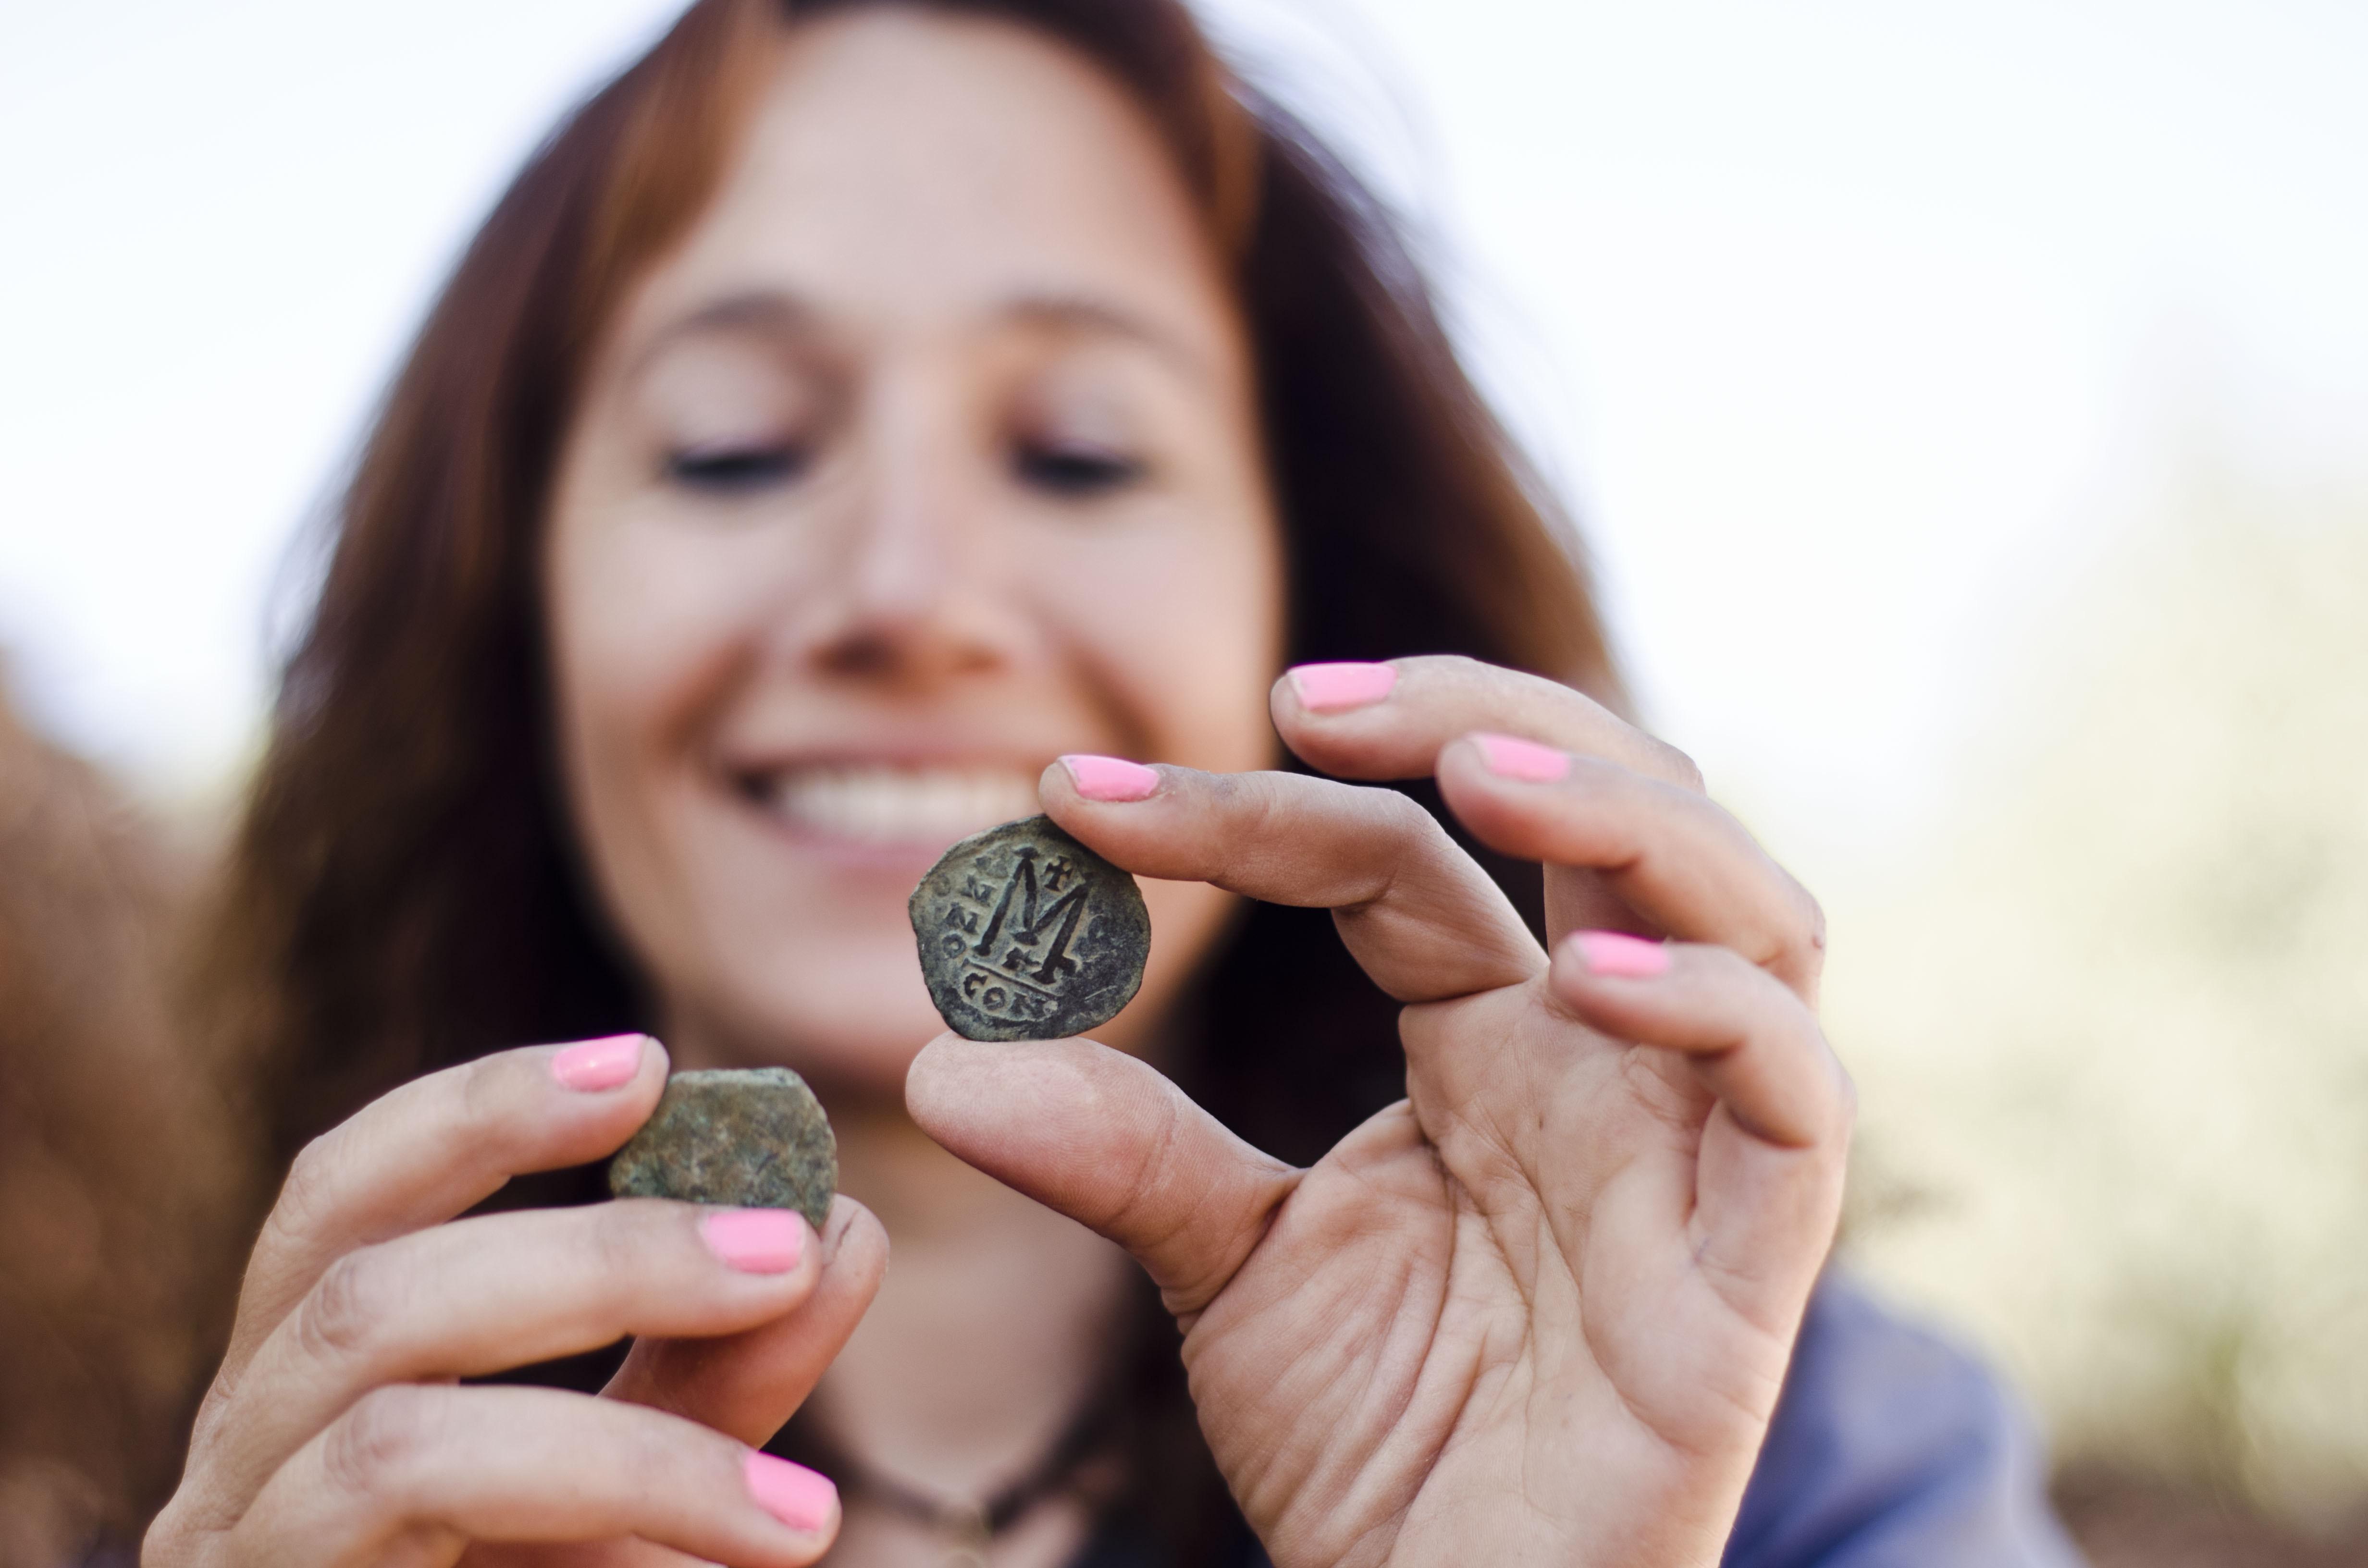 אנט נגר, מנהלת החפירה מטעם רשות העתיקות, עם אחד המטבעות. צילום: יוֹלי שוורץ